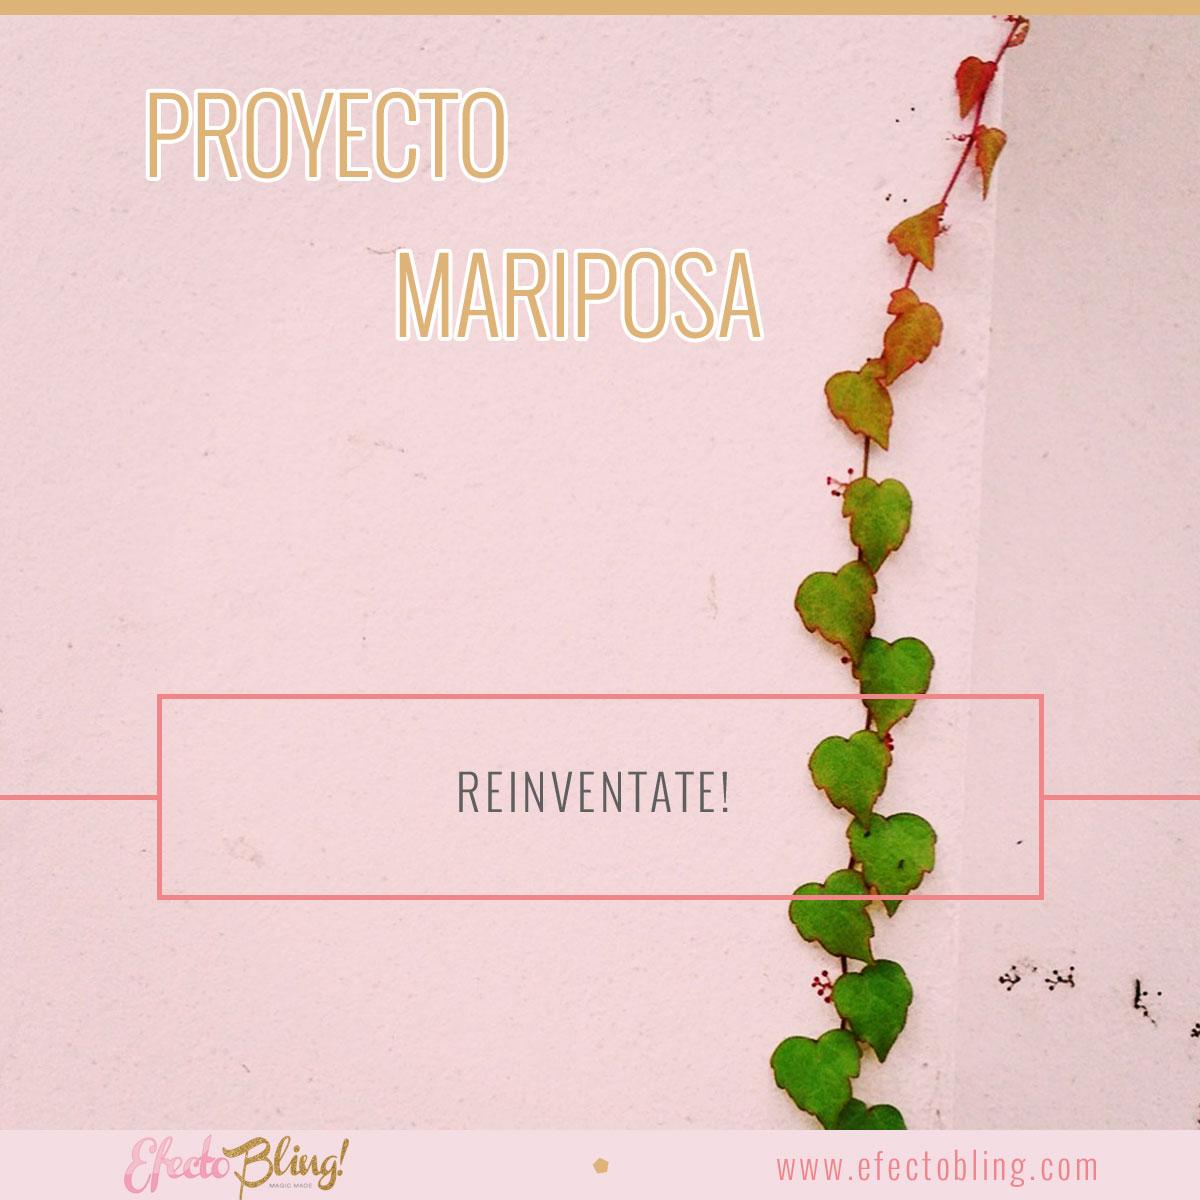 proyectomariposa